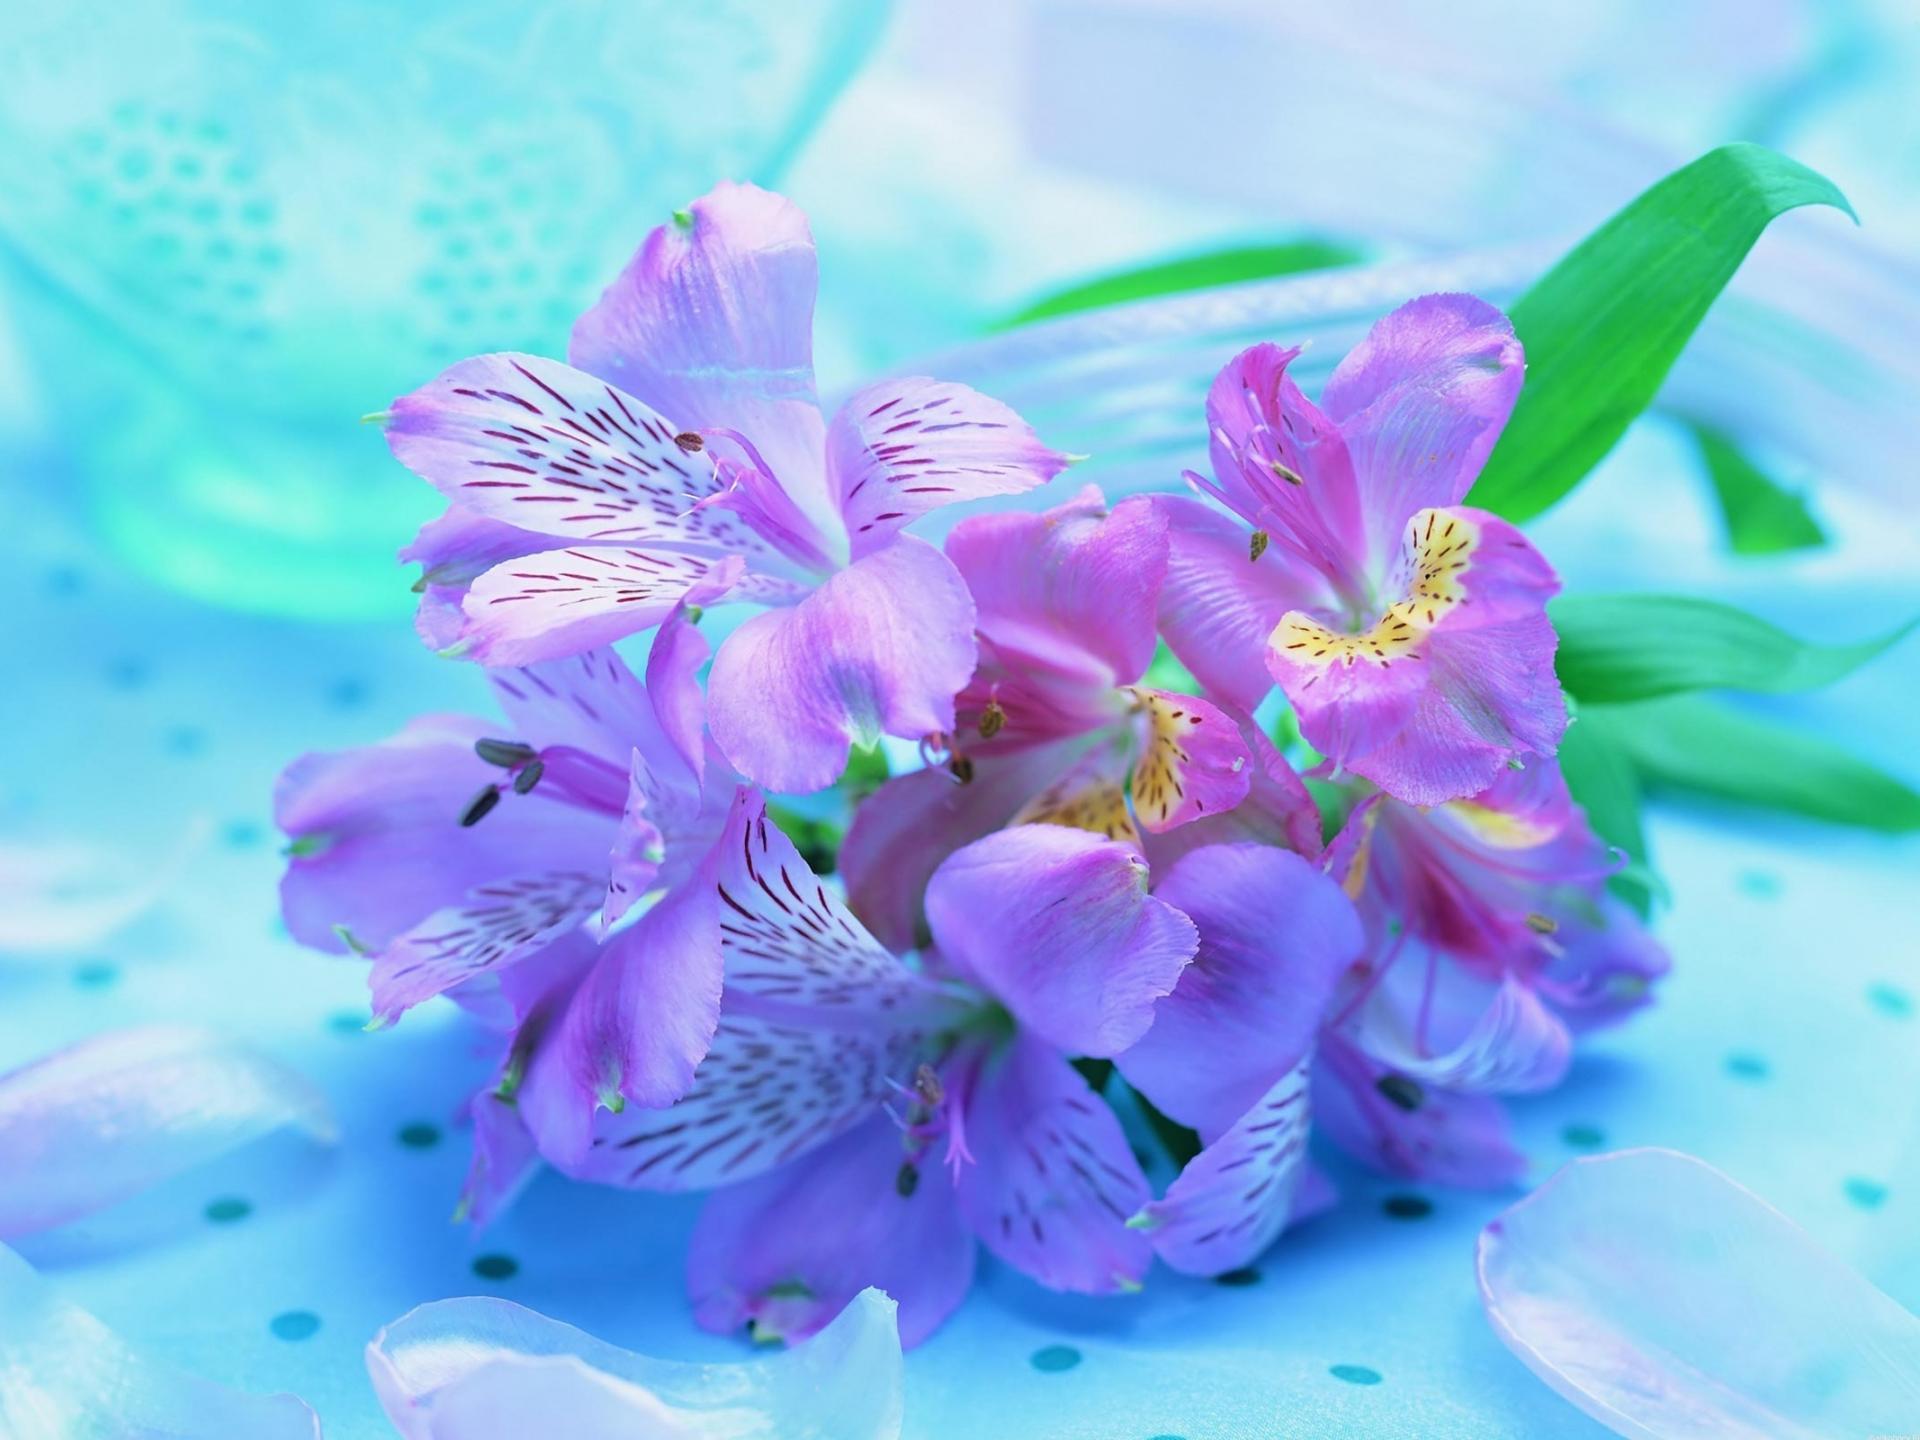 Букет ирисов яркие нежные цветы 1920x1440